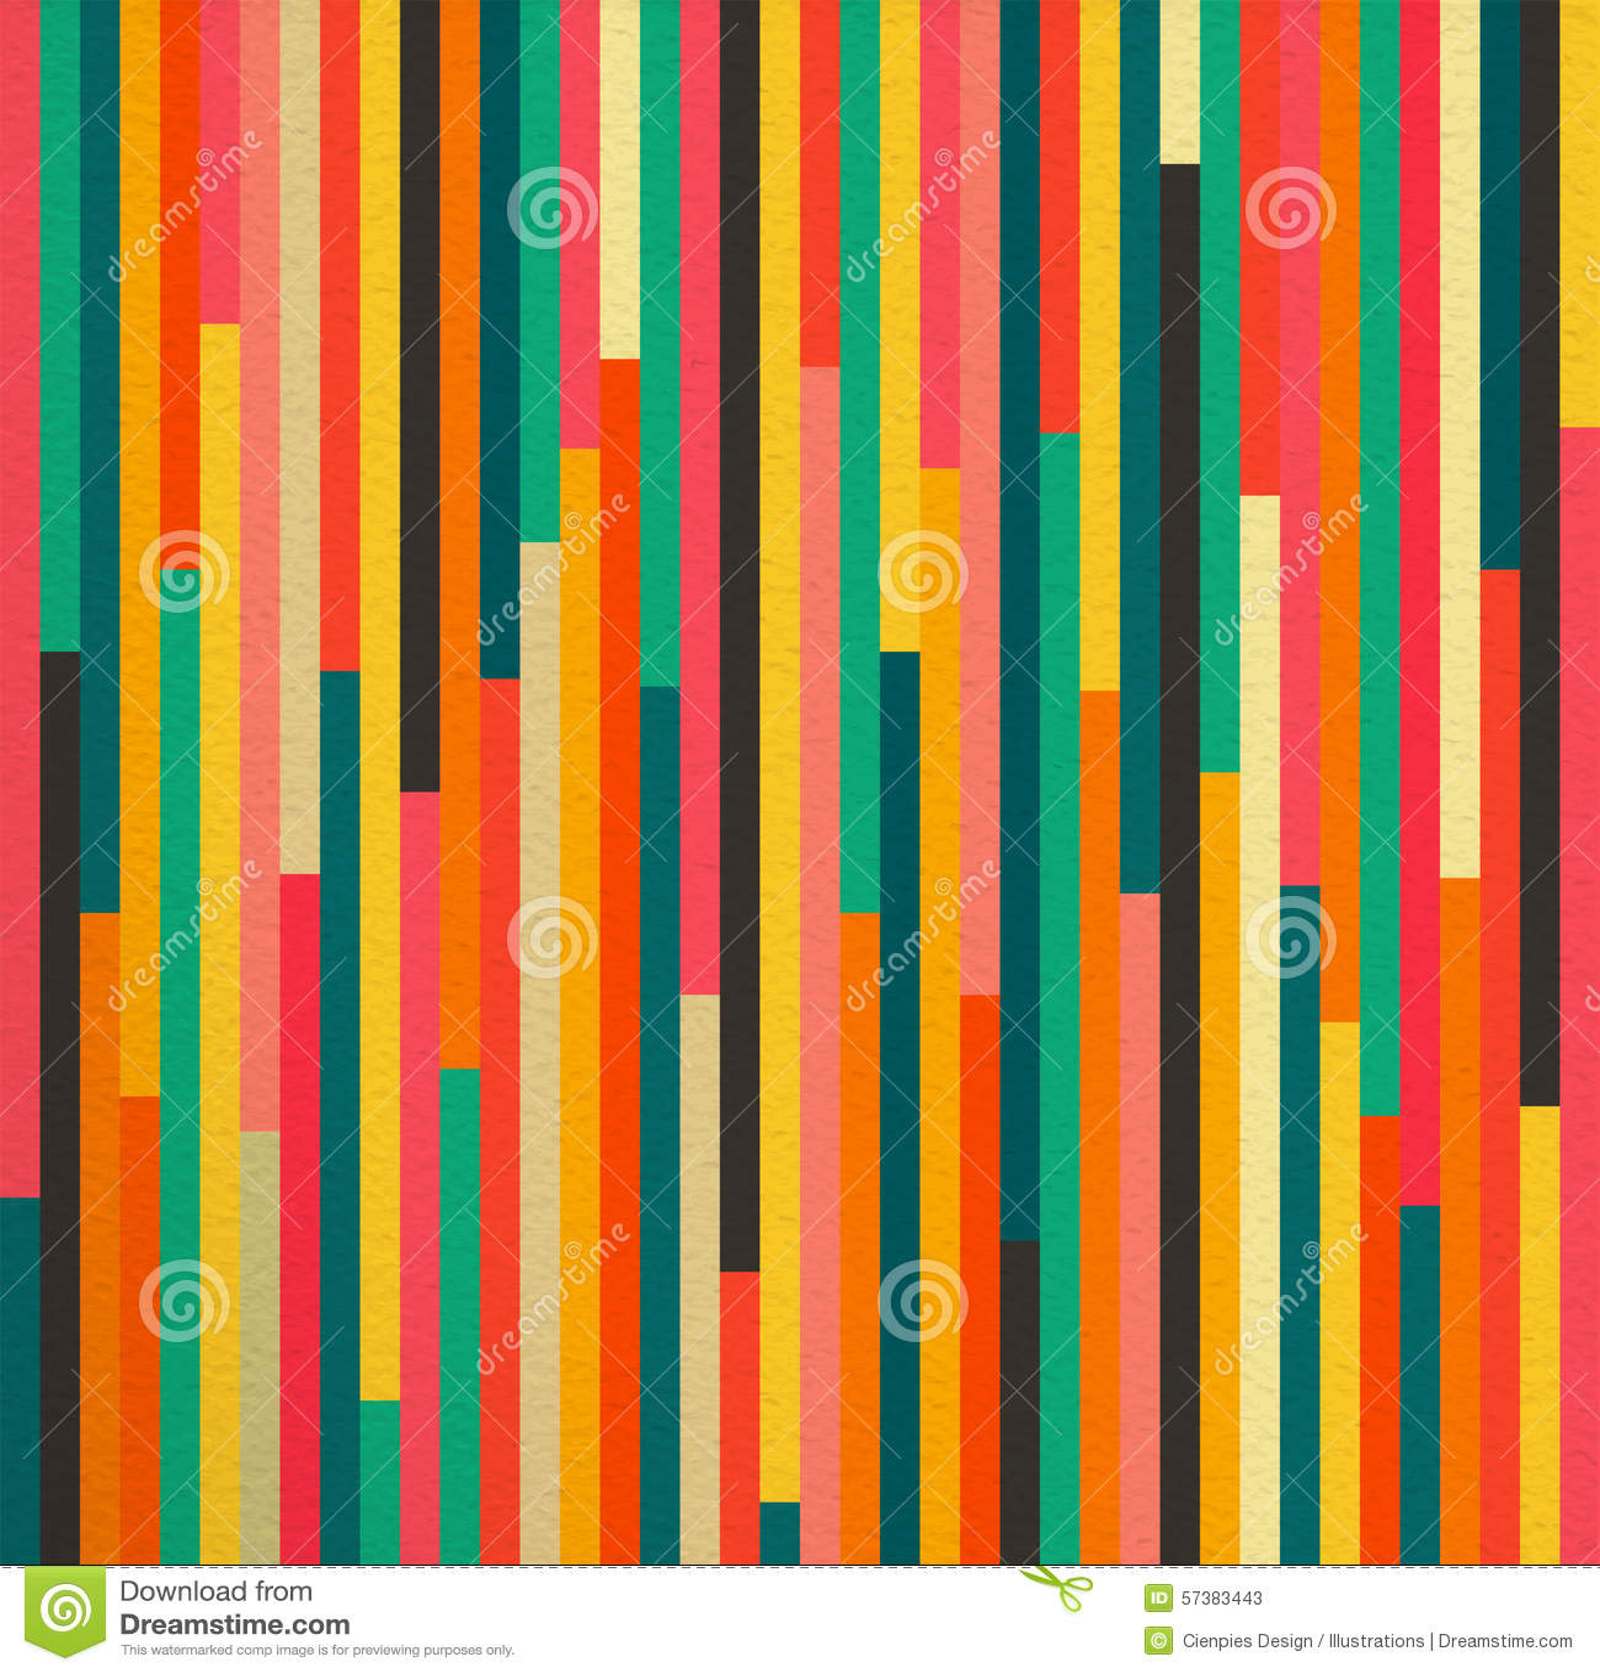 De abstracte achtergrond van het kleuren uitstekende retro naadloze patroon